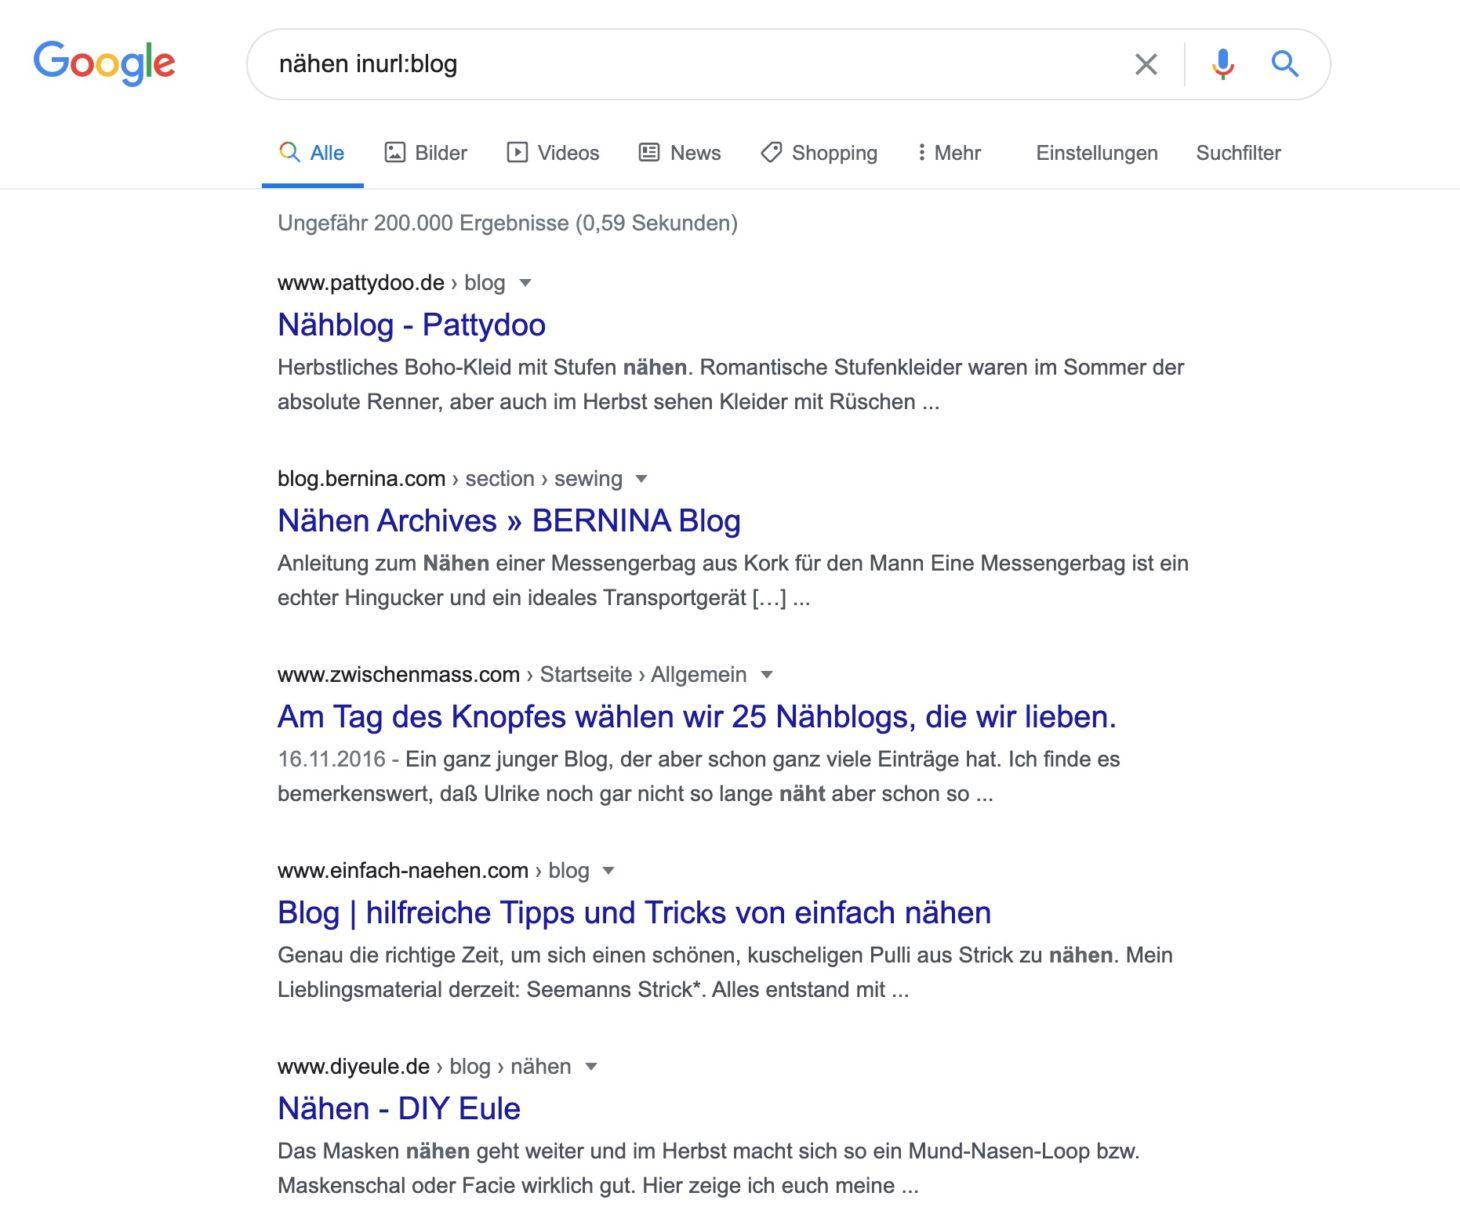 """Mit Suchoperator """"inurl"""" andere Blogs in deiner Nische finden"""